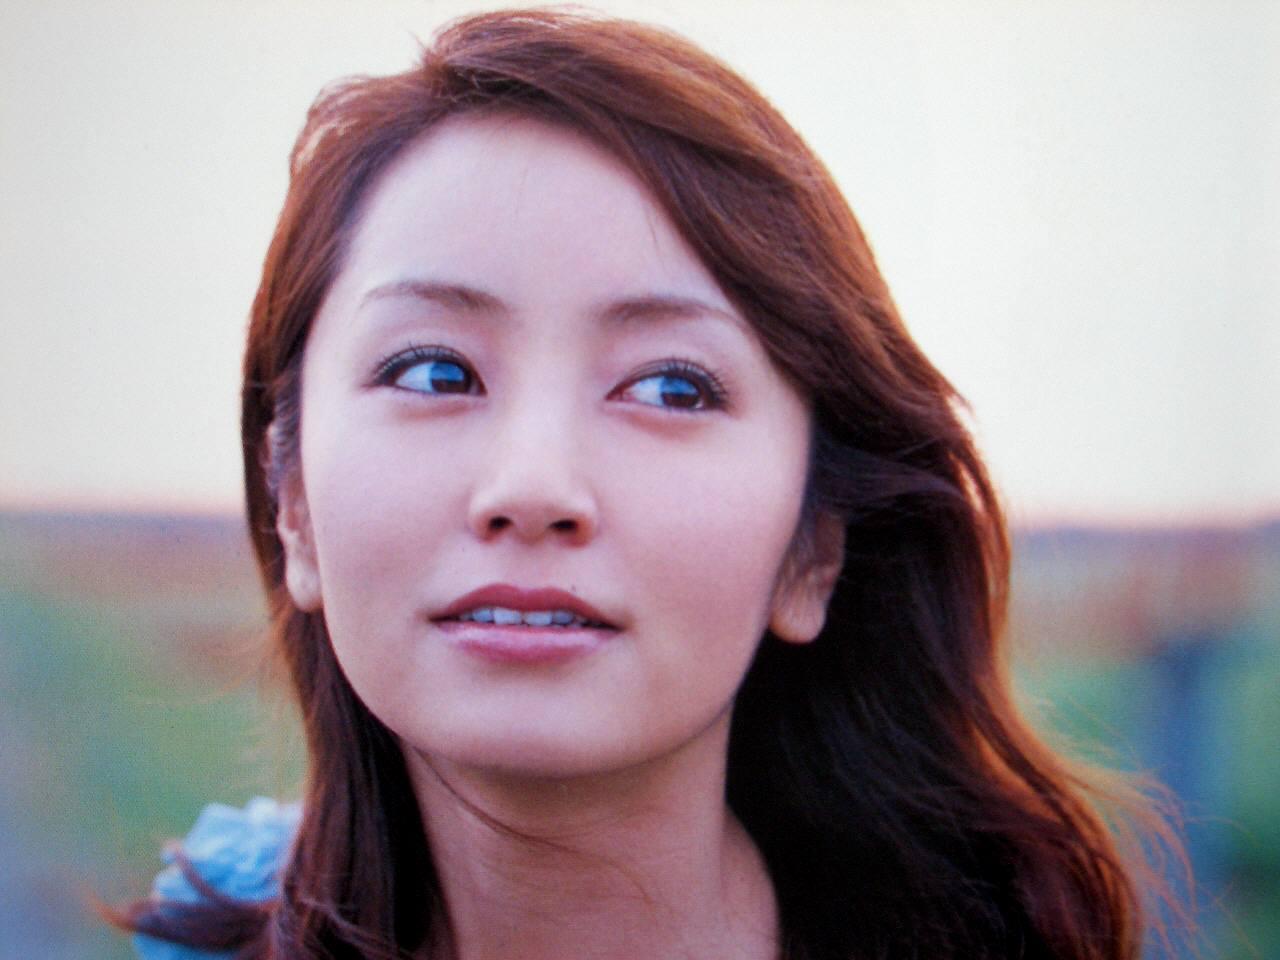 【PCMAX体験談】GWは出会い系が爆釣?!矢田亜希子似な美人とセクロス!